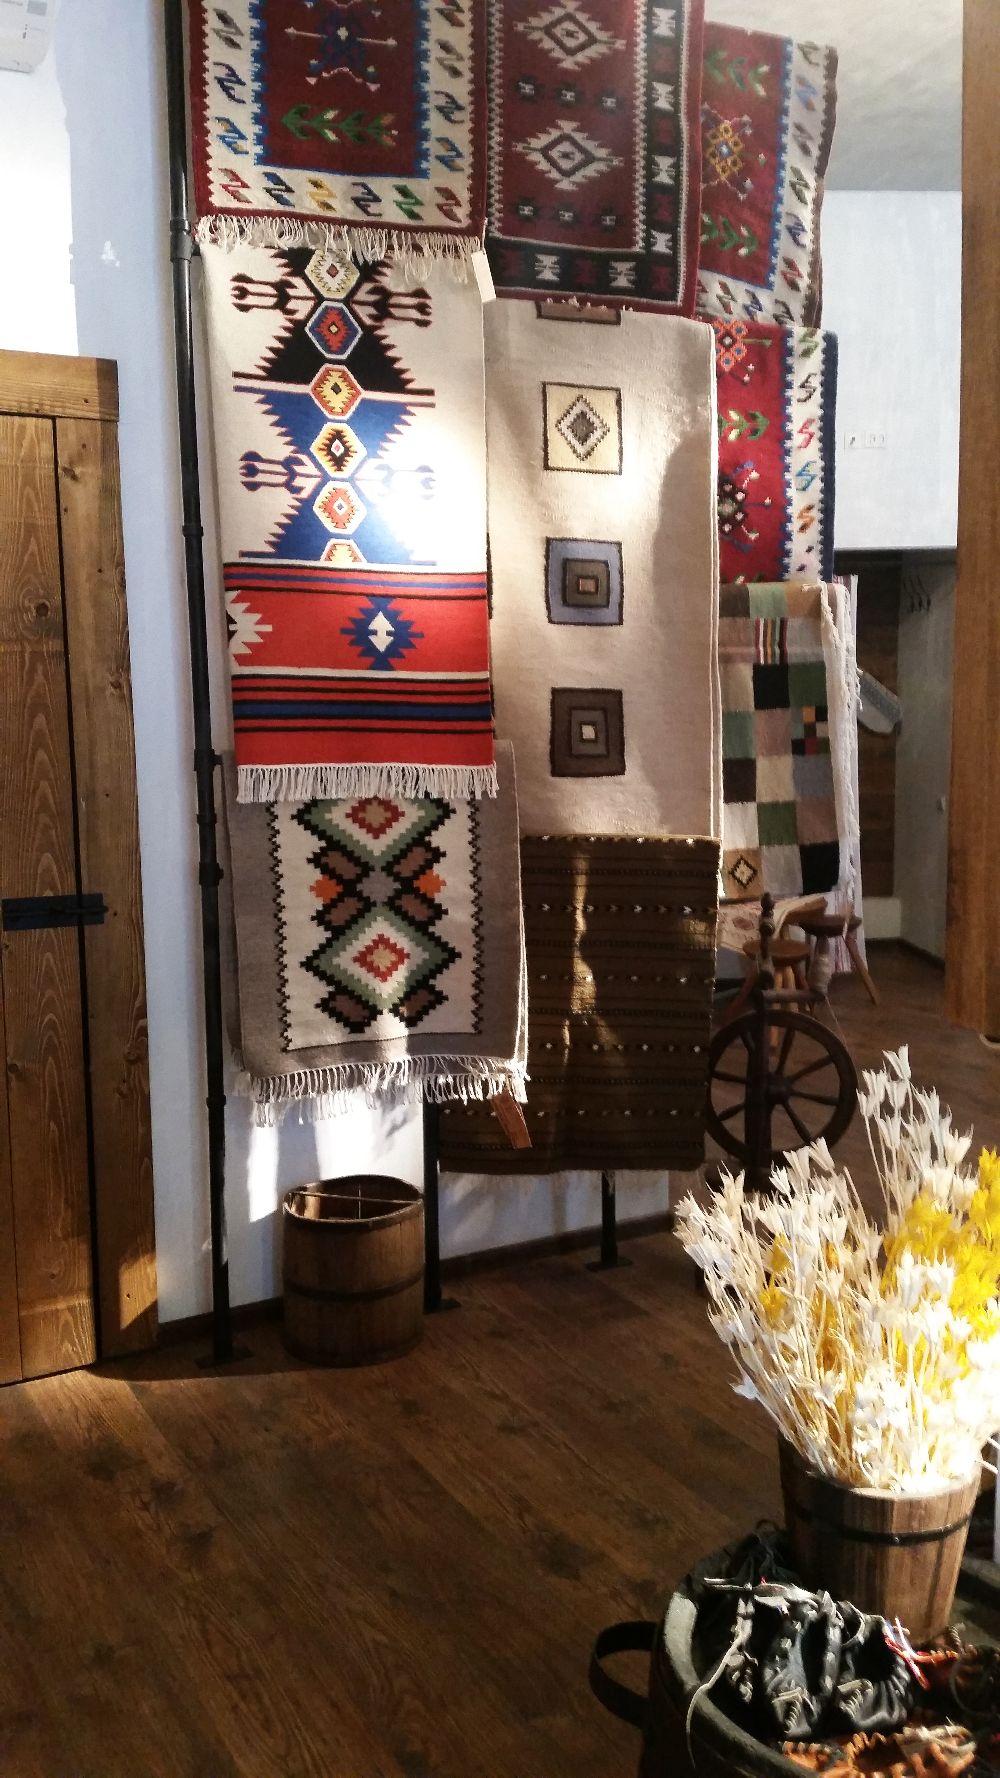 adelaparvu.com despremagazin cu obiecte traditionale, My Romanian Store Bucharest (21)